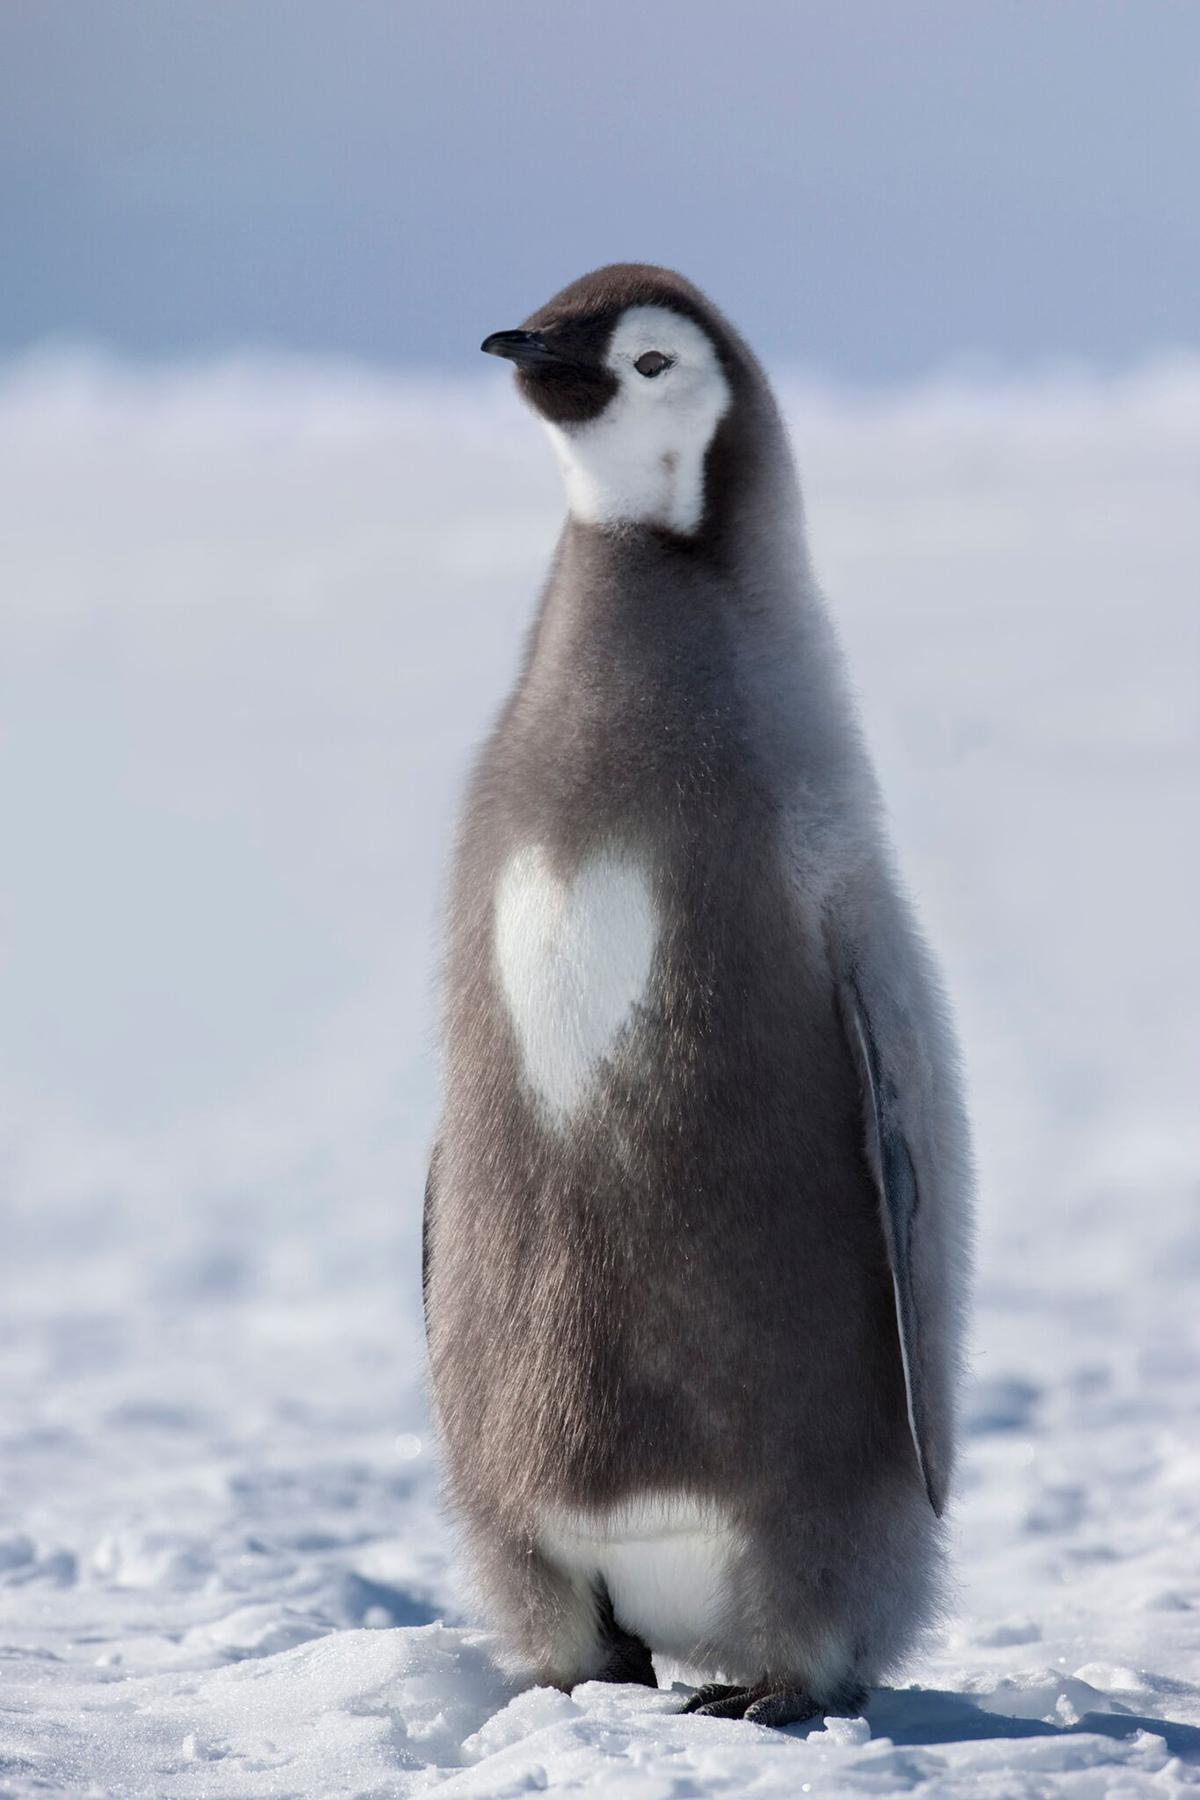 2018年9月,野生动物摄影师苏·弗洛德在南极拍摄到极为罕见的一只胸口绒毛长成心形的帝企鹅宝宝。